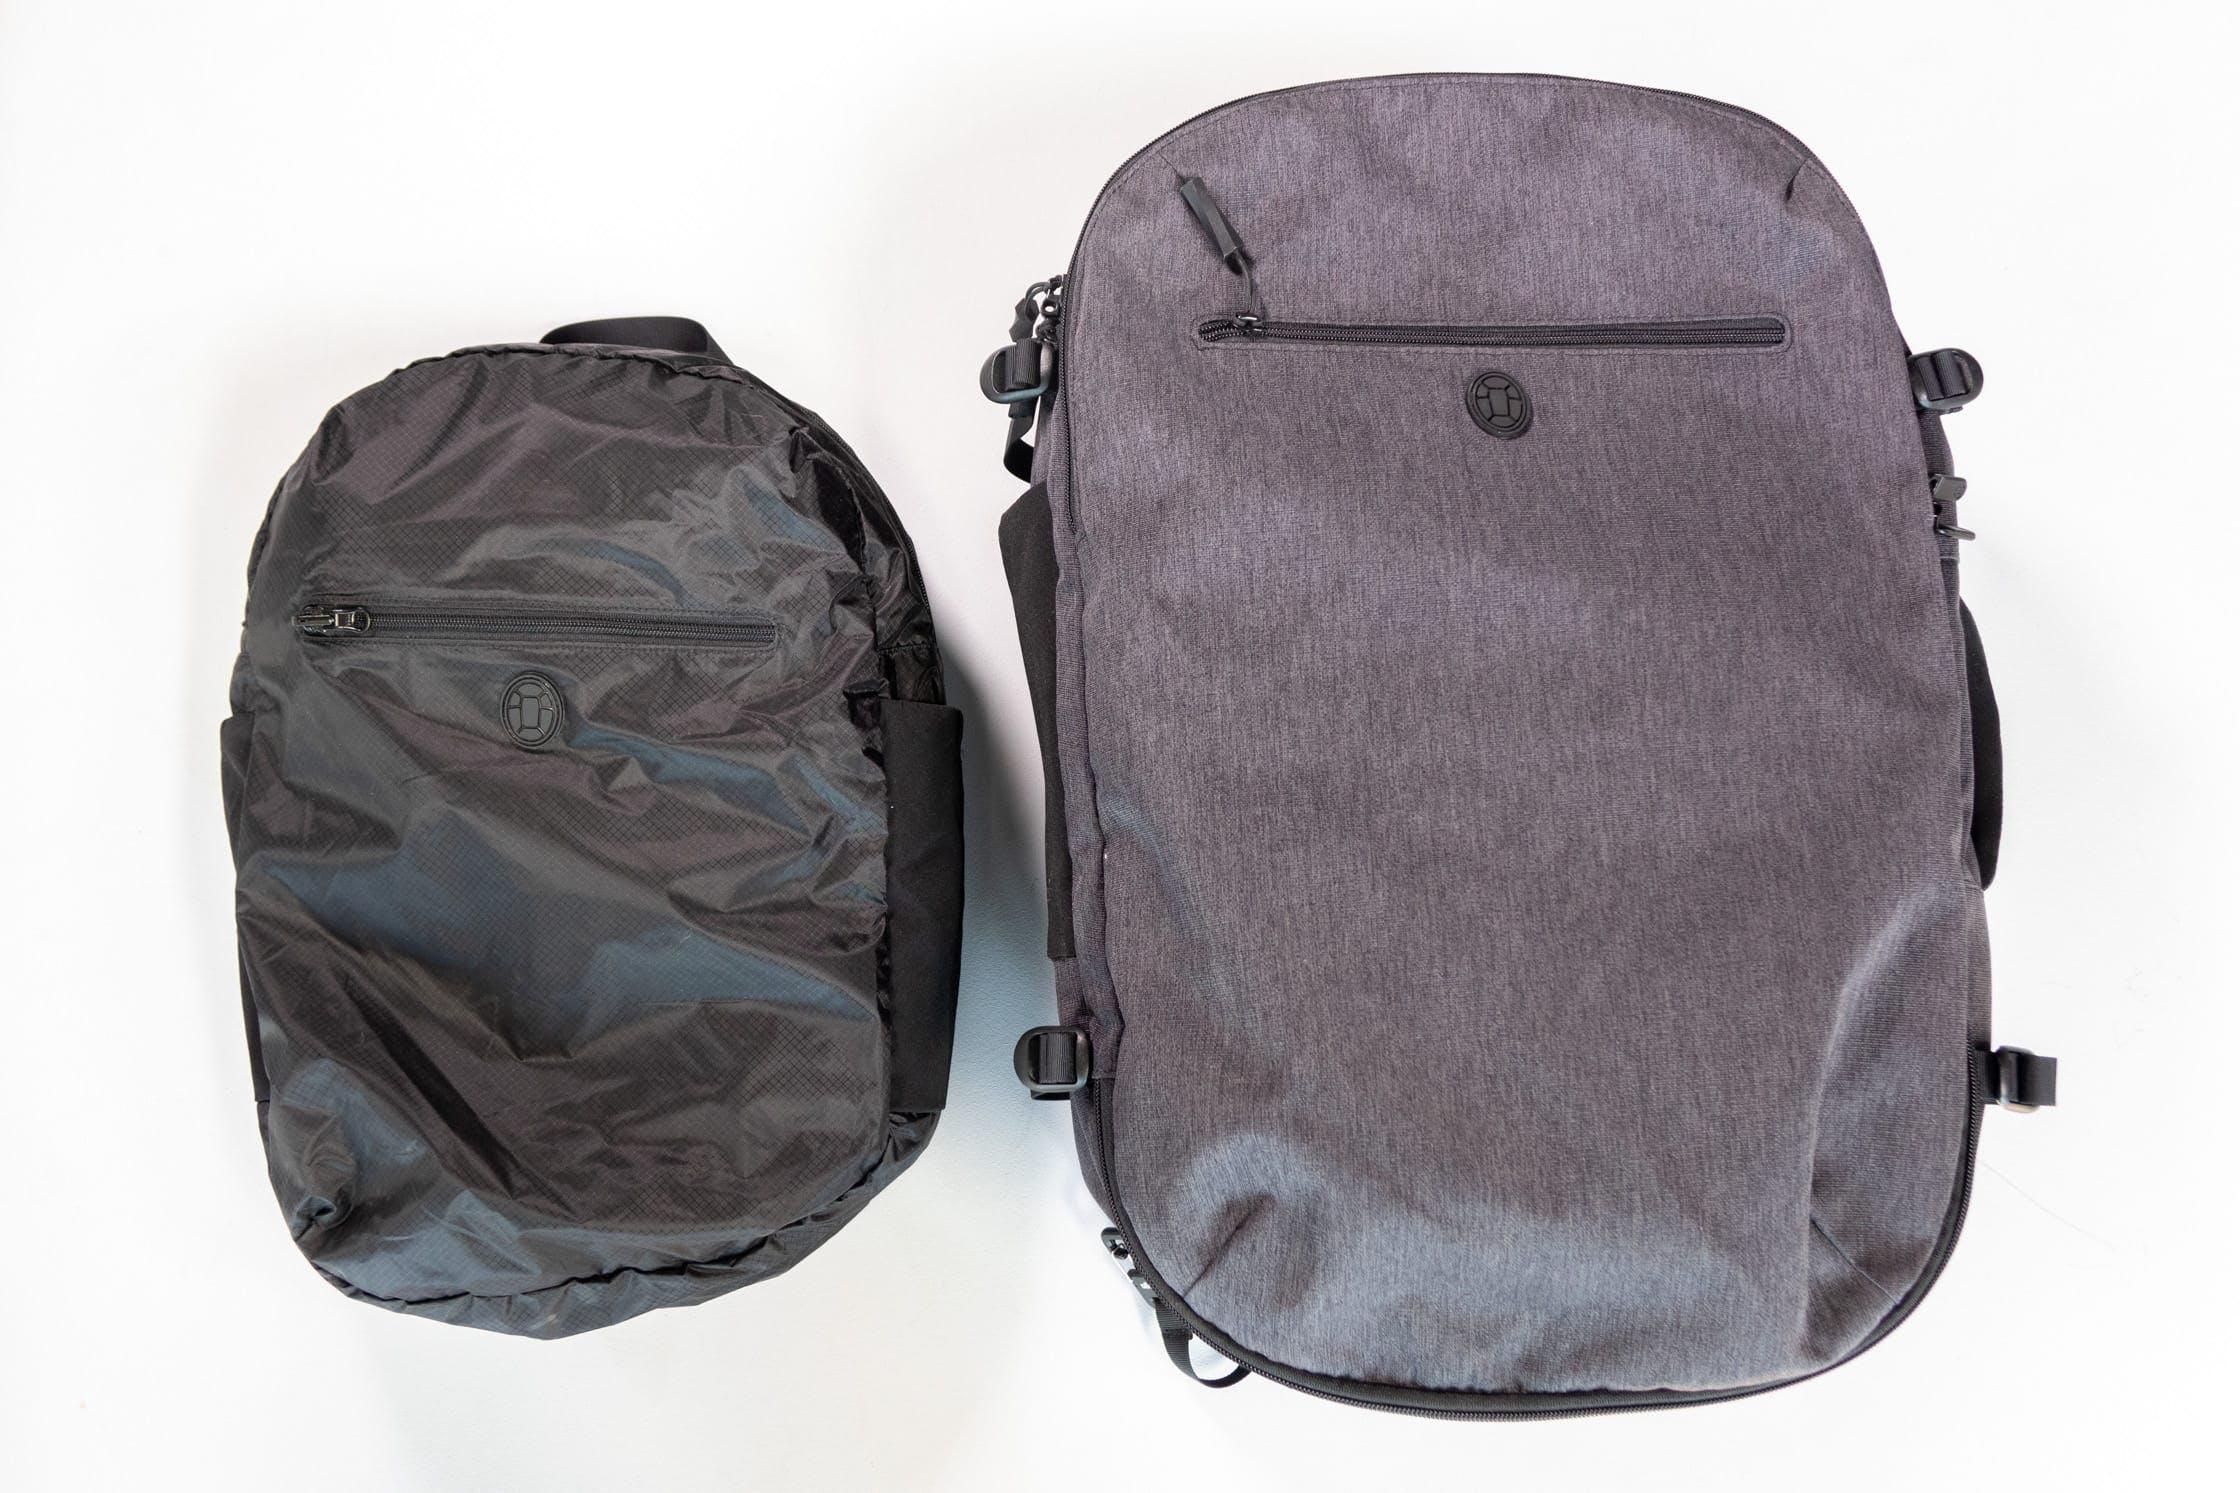 Tortuga Setout Packable Daypack / Setout Comparison